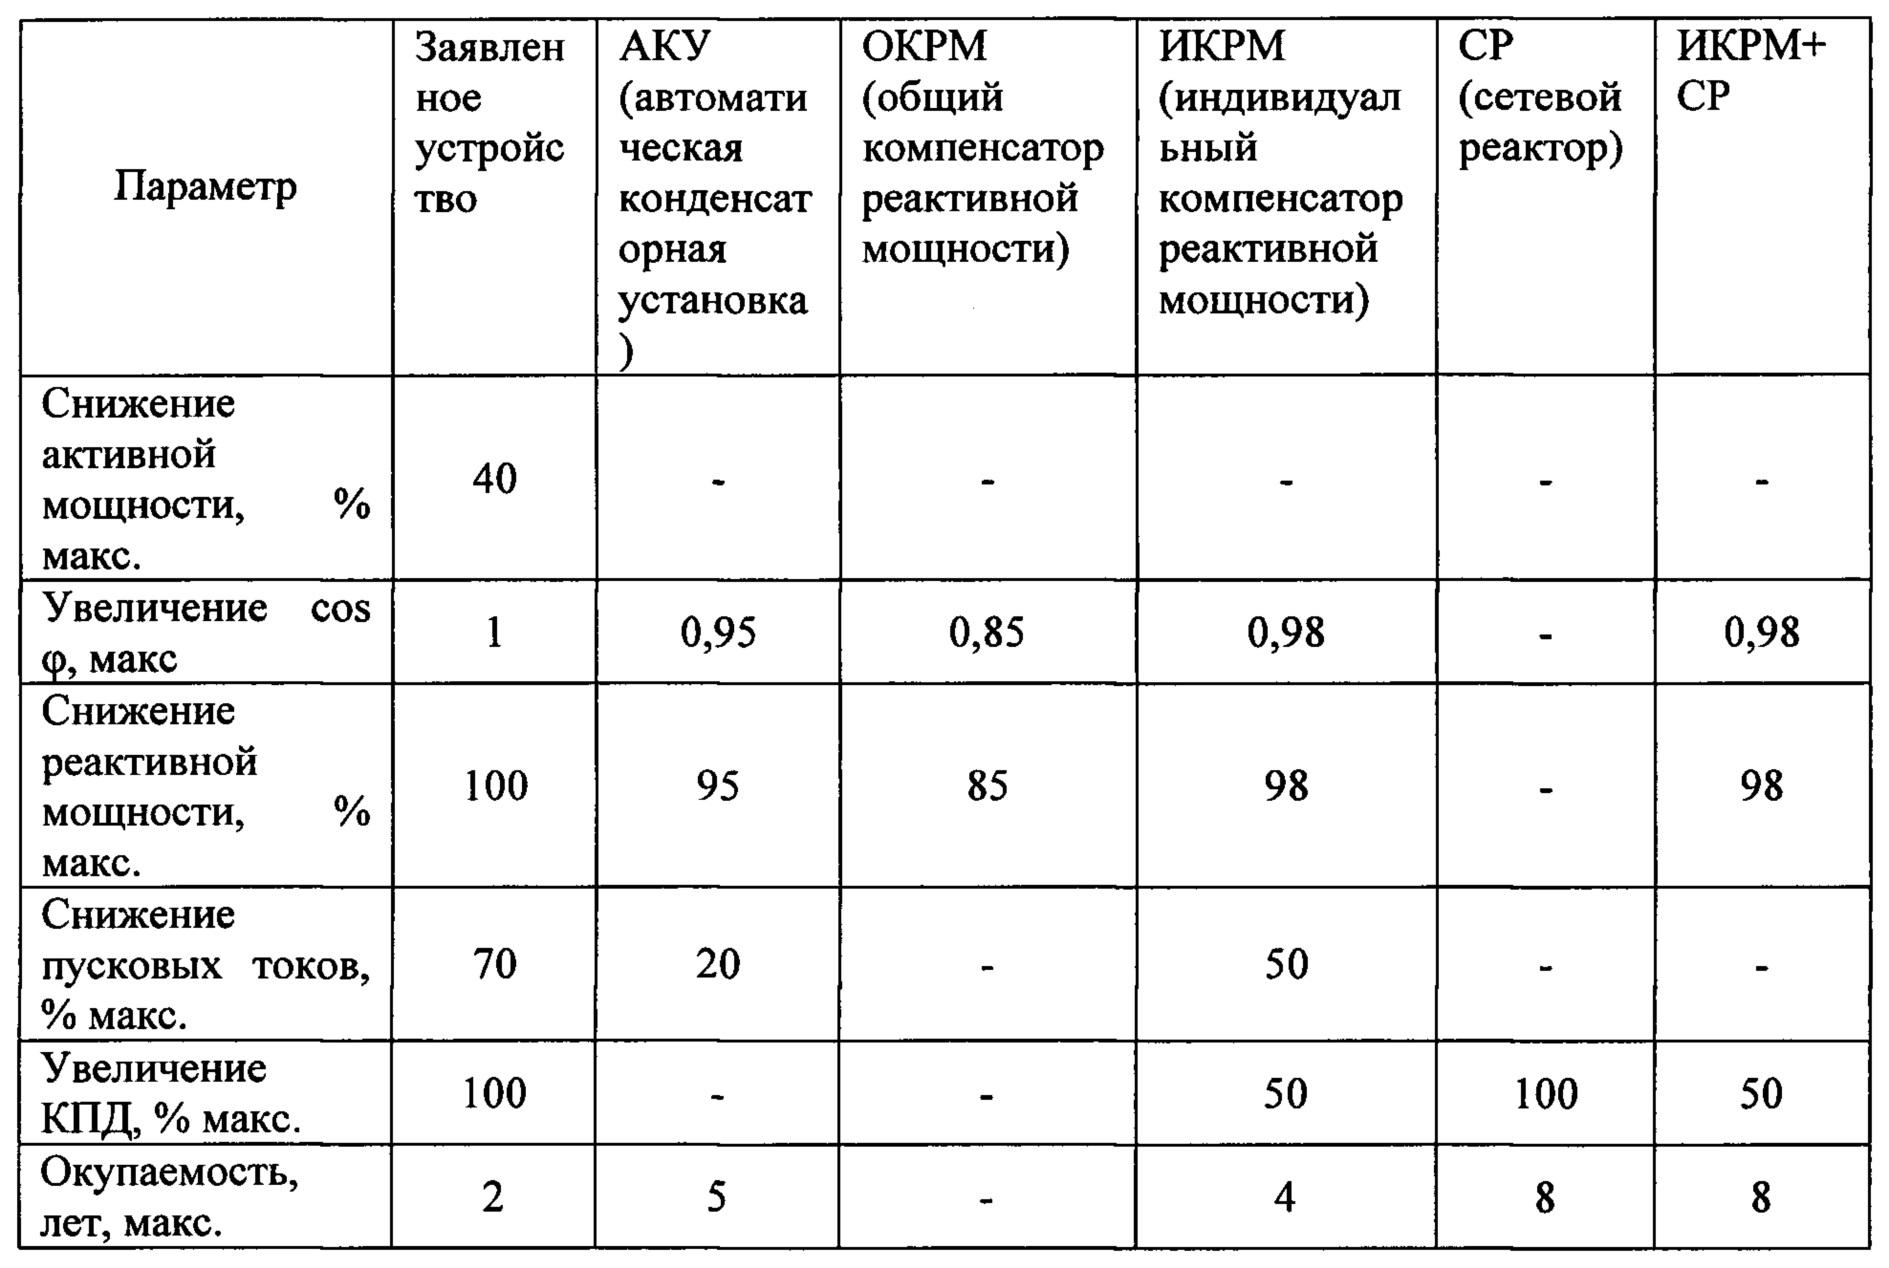 Устройство компенсации реактивной мощности модульной конструкции птк мк